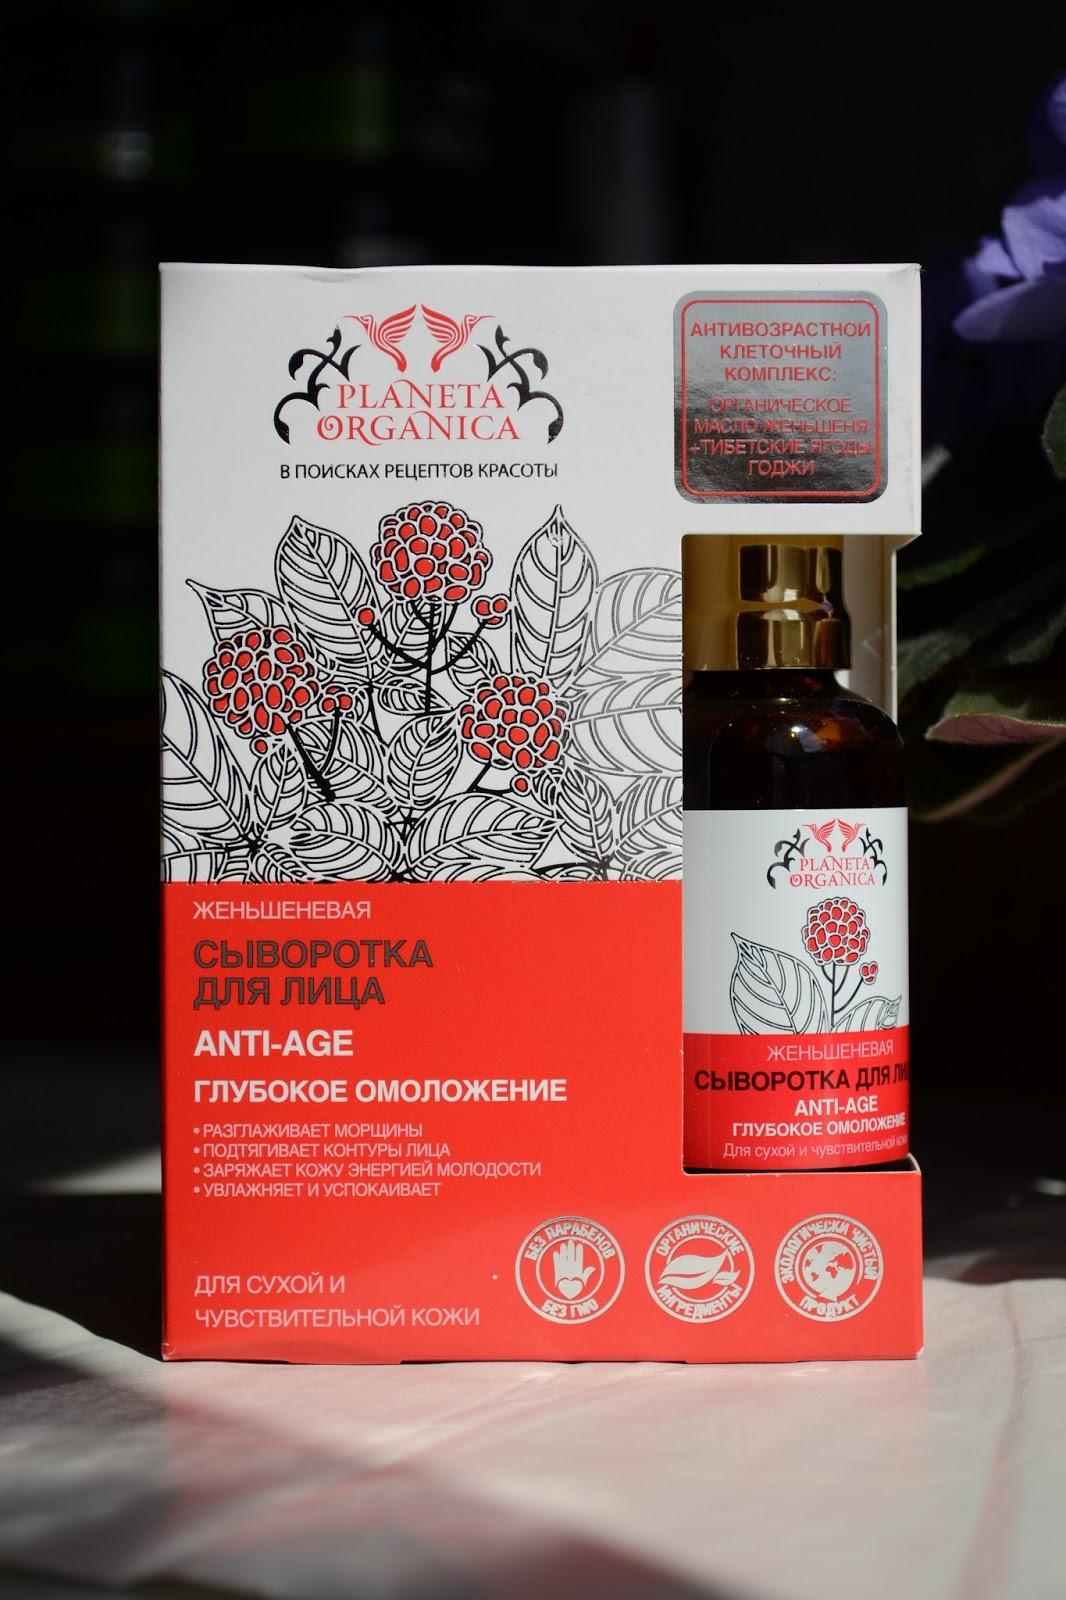 Planeta Organica, Żeń-szeniowe serum do twarzy anti age